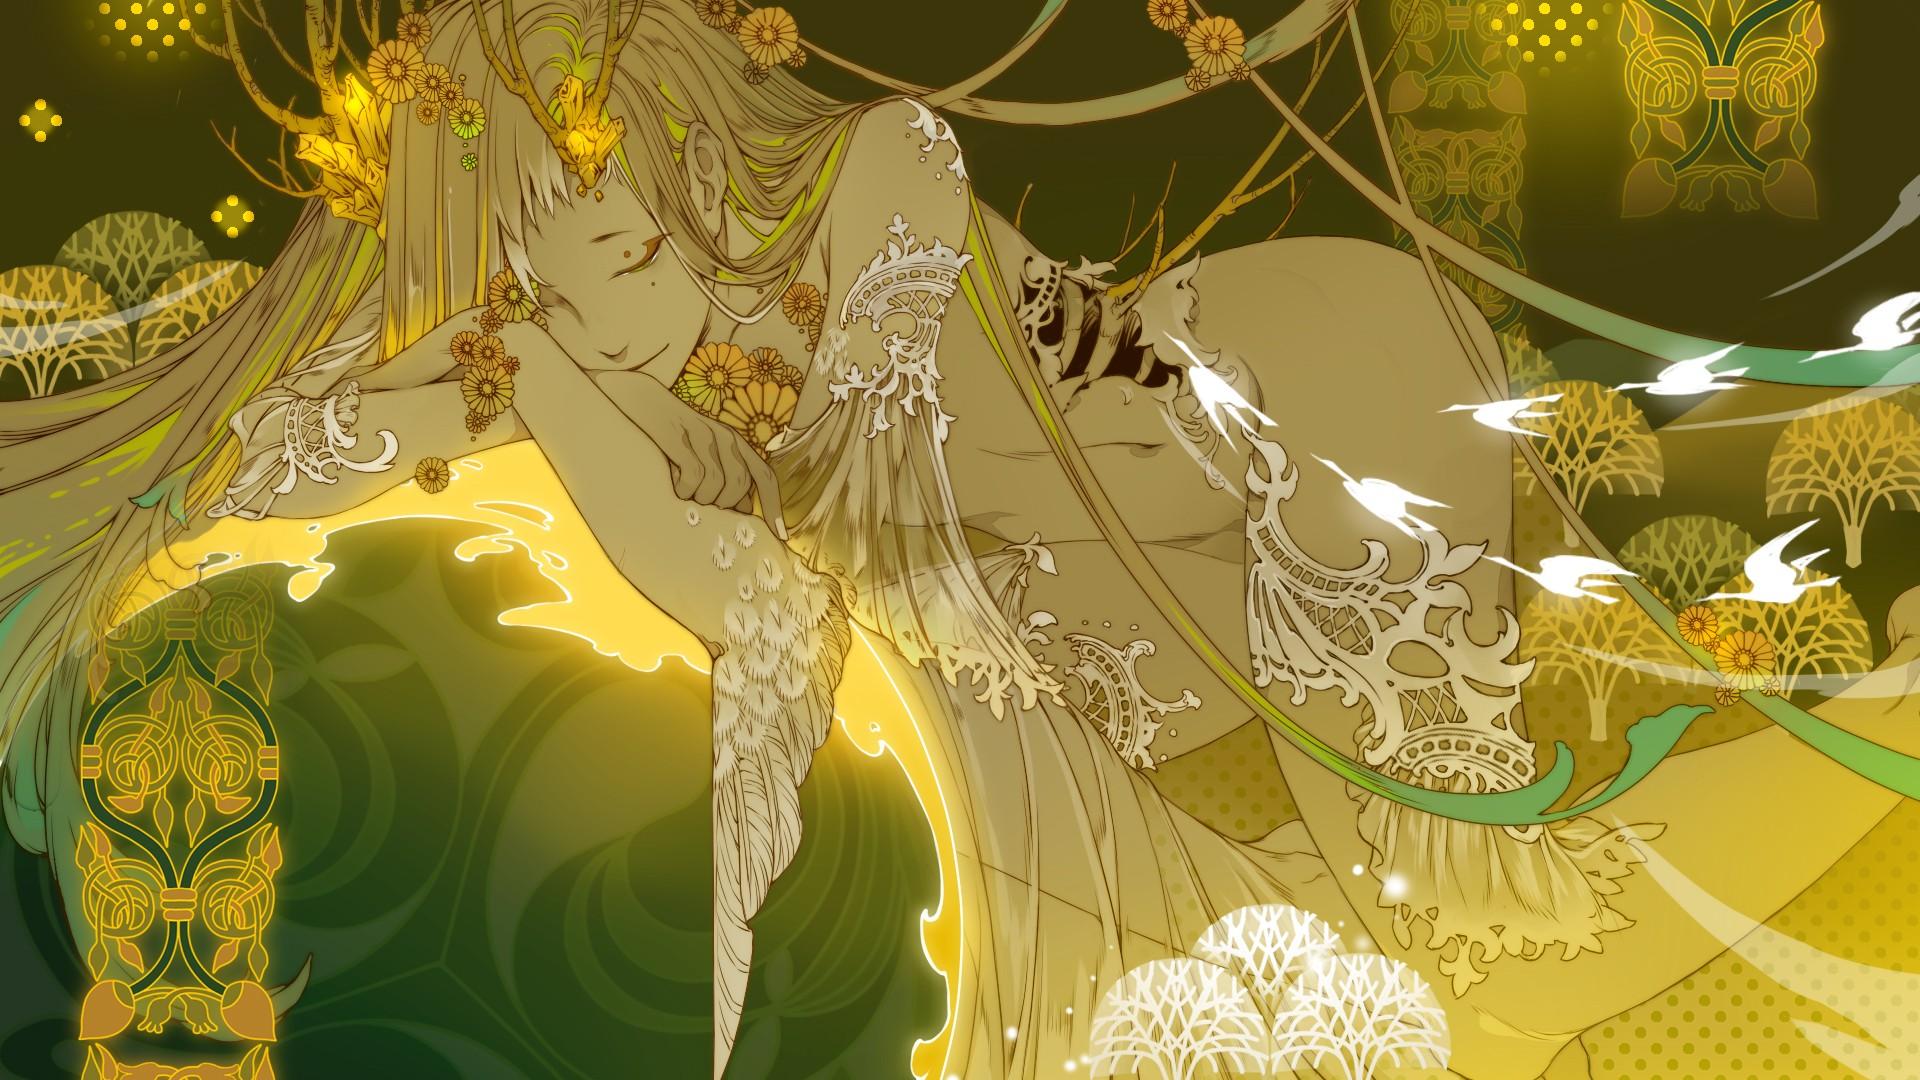 Anime 1920x1080 anime girls original characters nude erotic art  long hair bangs blonde branch flowers closed eyes sleeping wings gold